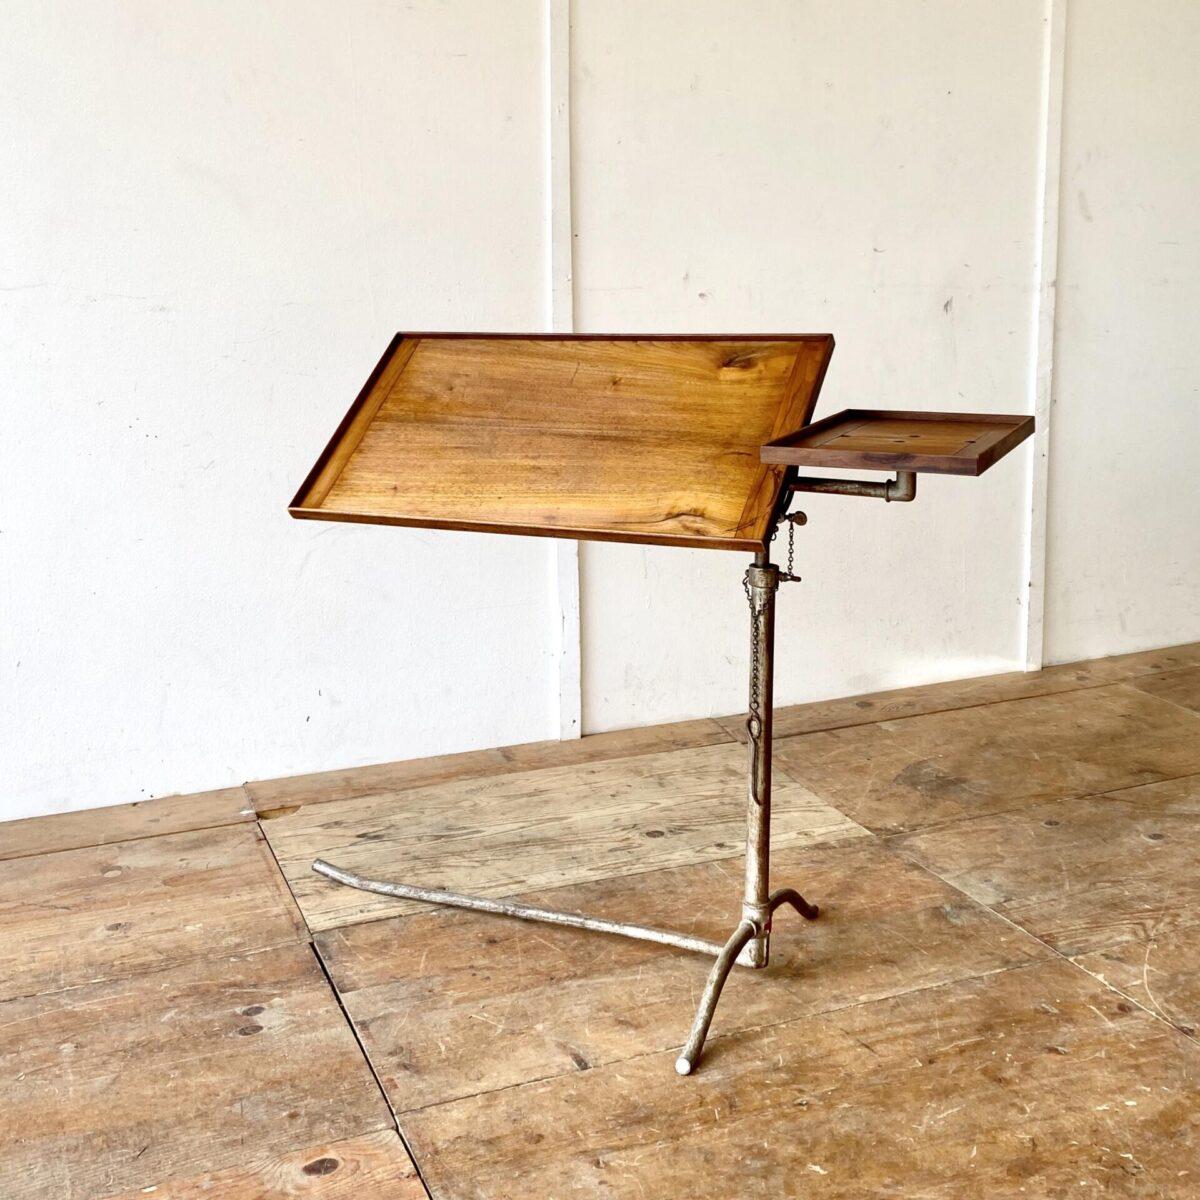 Vintage Lazarett Tisch deuxieme.shop industrial Tisch. Beistelltisch mit schöner Industrie Patina. 101x39cm höhenverstellbar von 79 bis 118cm. Dieser Tisch ist funktional sehr vielseitig einsetzbar, vom Stehpult über Spitalbett Tisch bis zum Notenständer. Auch lässt es sich gemütlich vom Sessel daran Arbeiten.